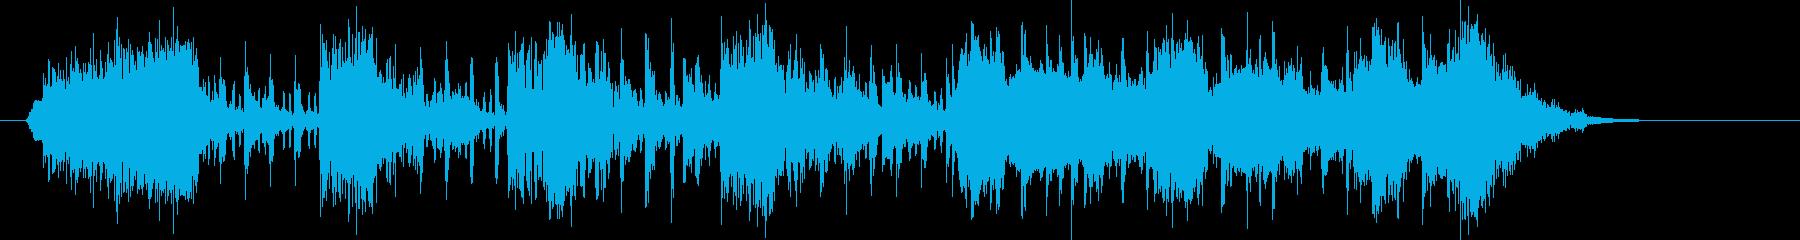 スラップベースとストリングスのグルーブの再生済みの波形